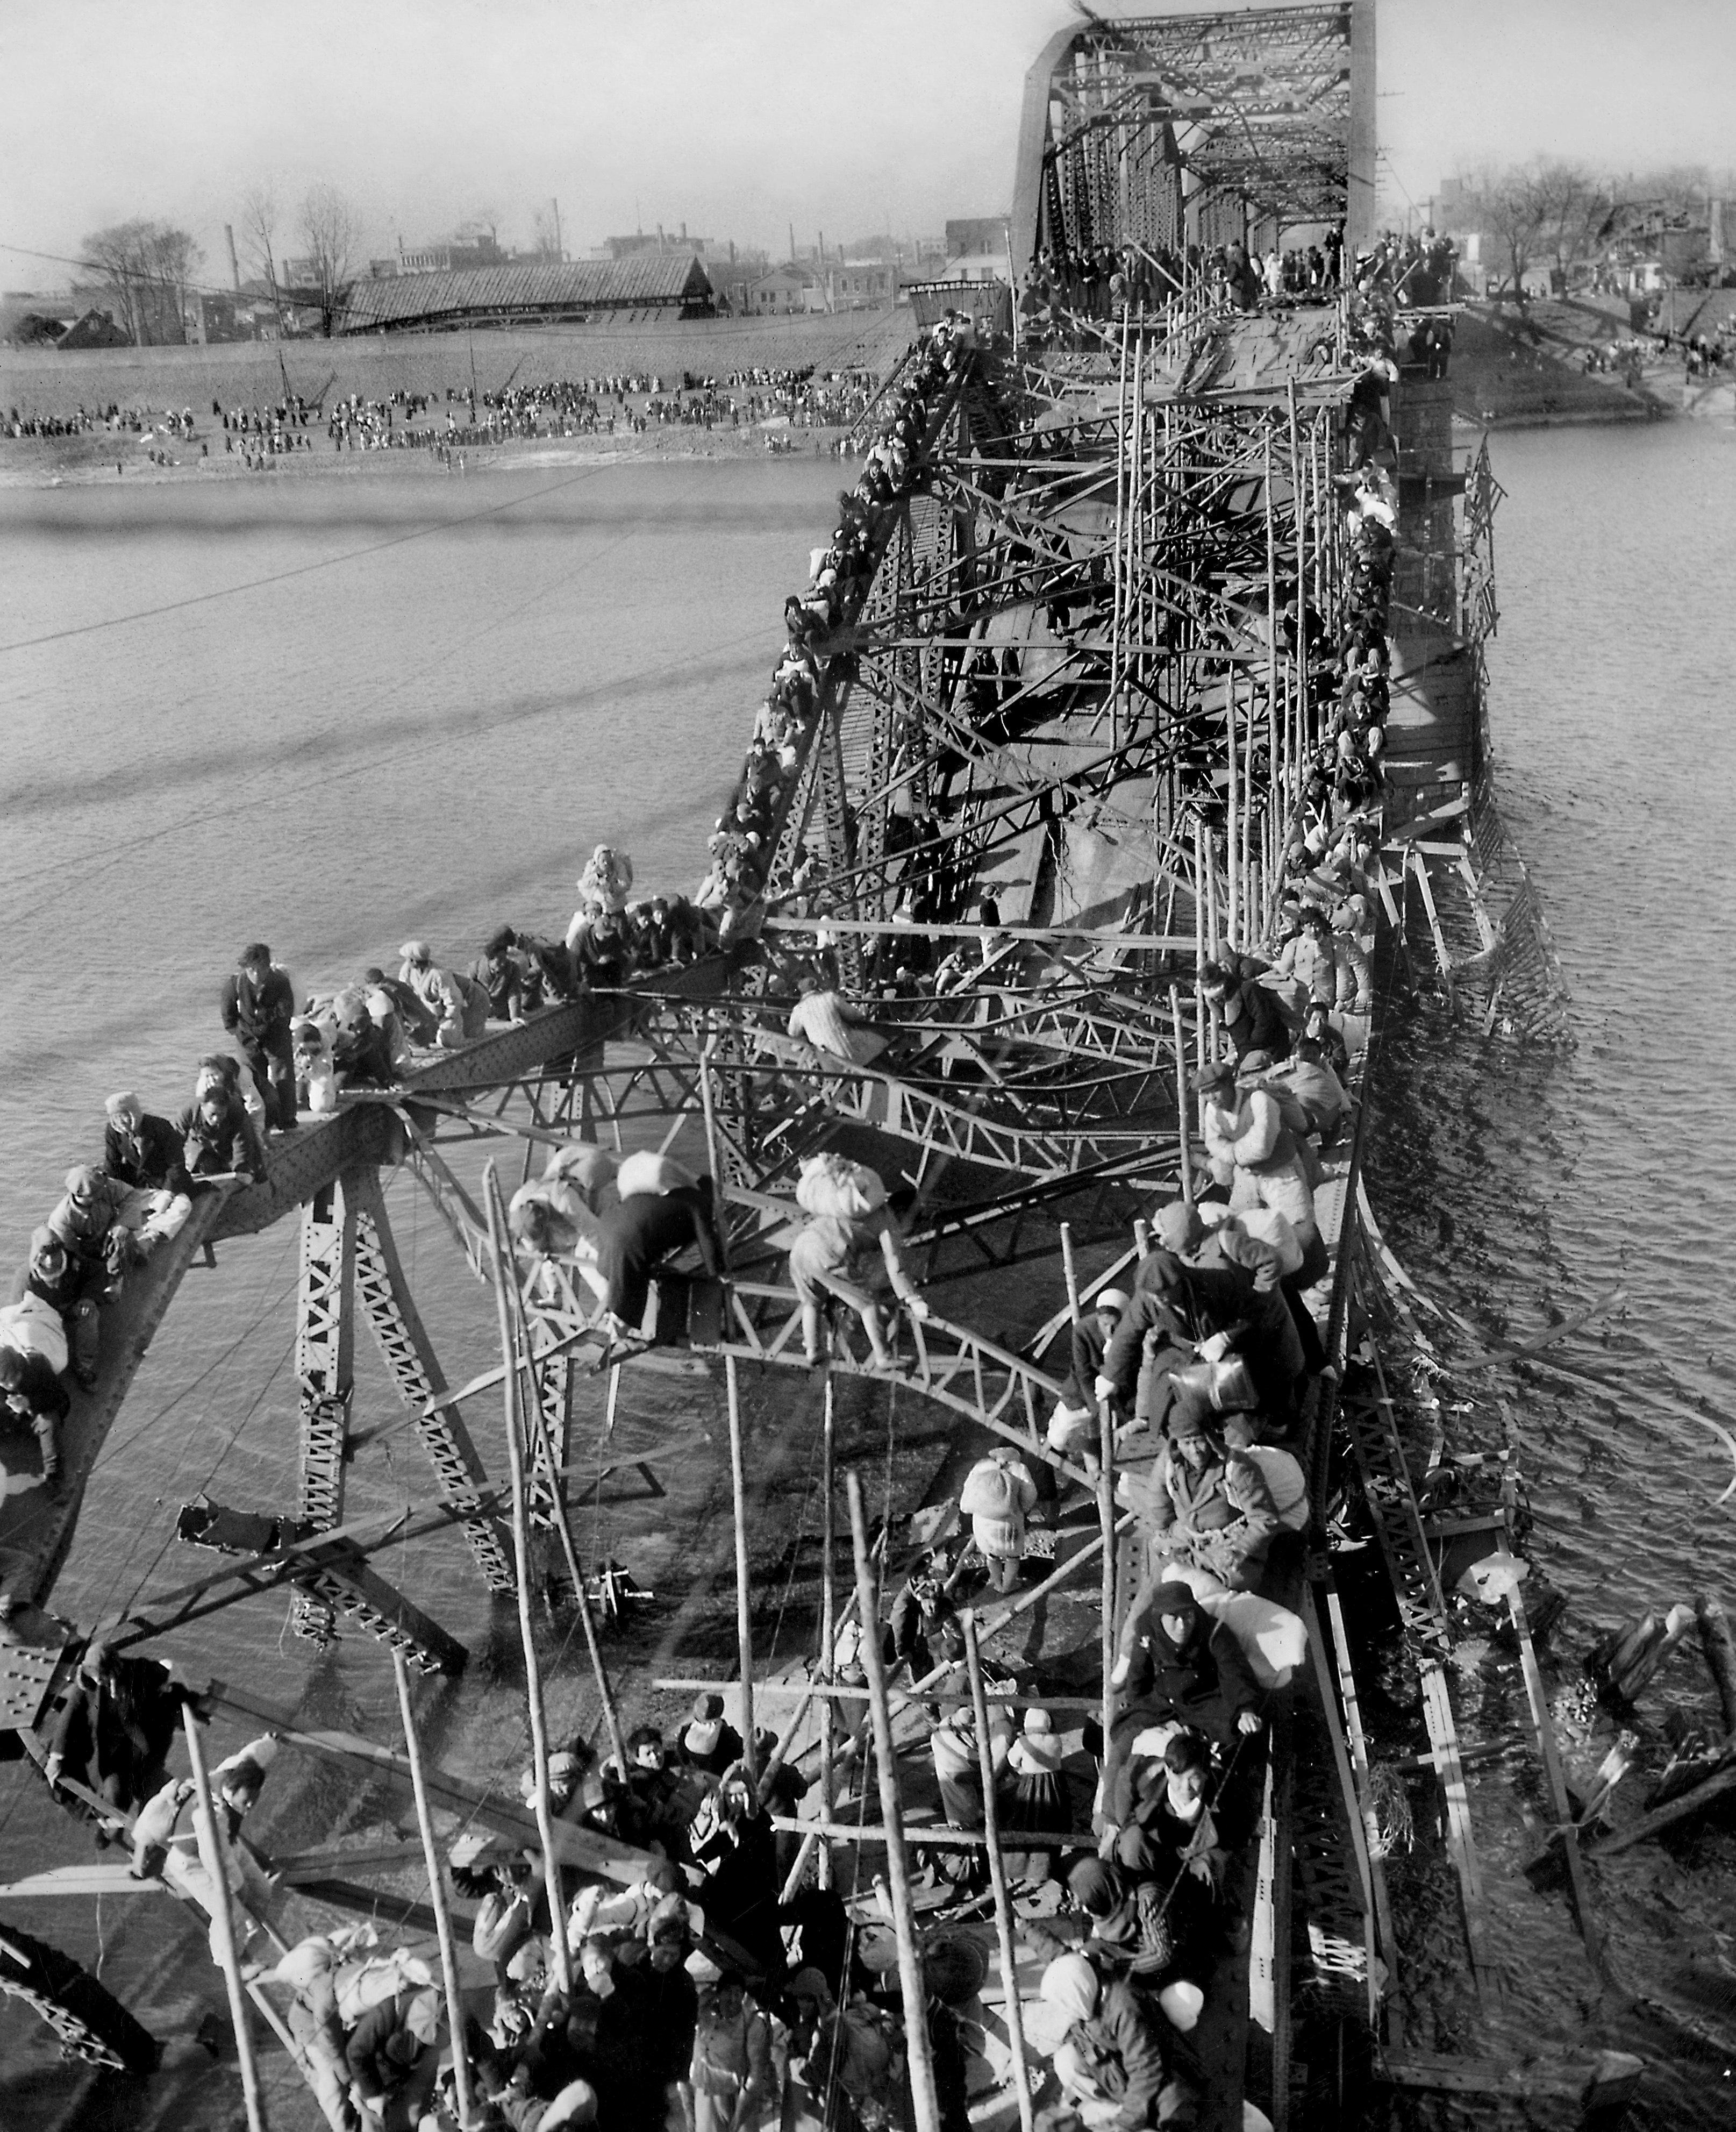 La célebre foto gracias a la cual Max Desfor ganó el premio Pulitzer en 1951. Tomada el 4 de diciembre de 1950, muestra un puente destruido por los bombardeos en el río Teadong, con cientos de personas que huían de Pyongyang y otras ciudadesante el avance de las fuerzas comunistas (AP Foto/Max Desfor)